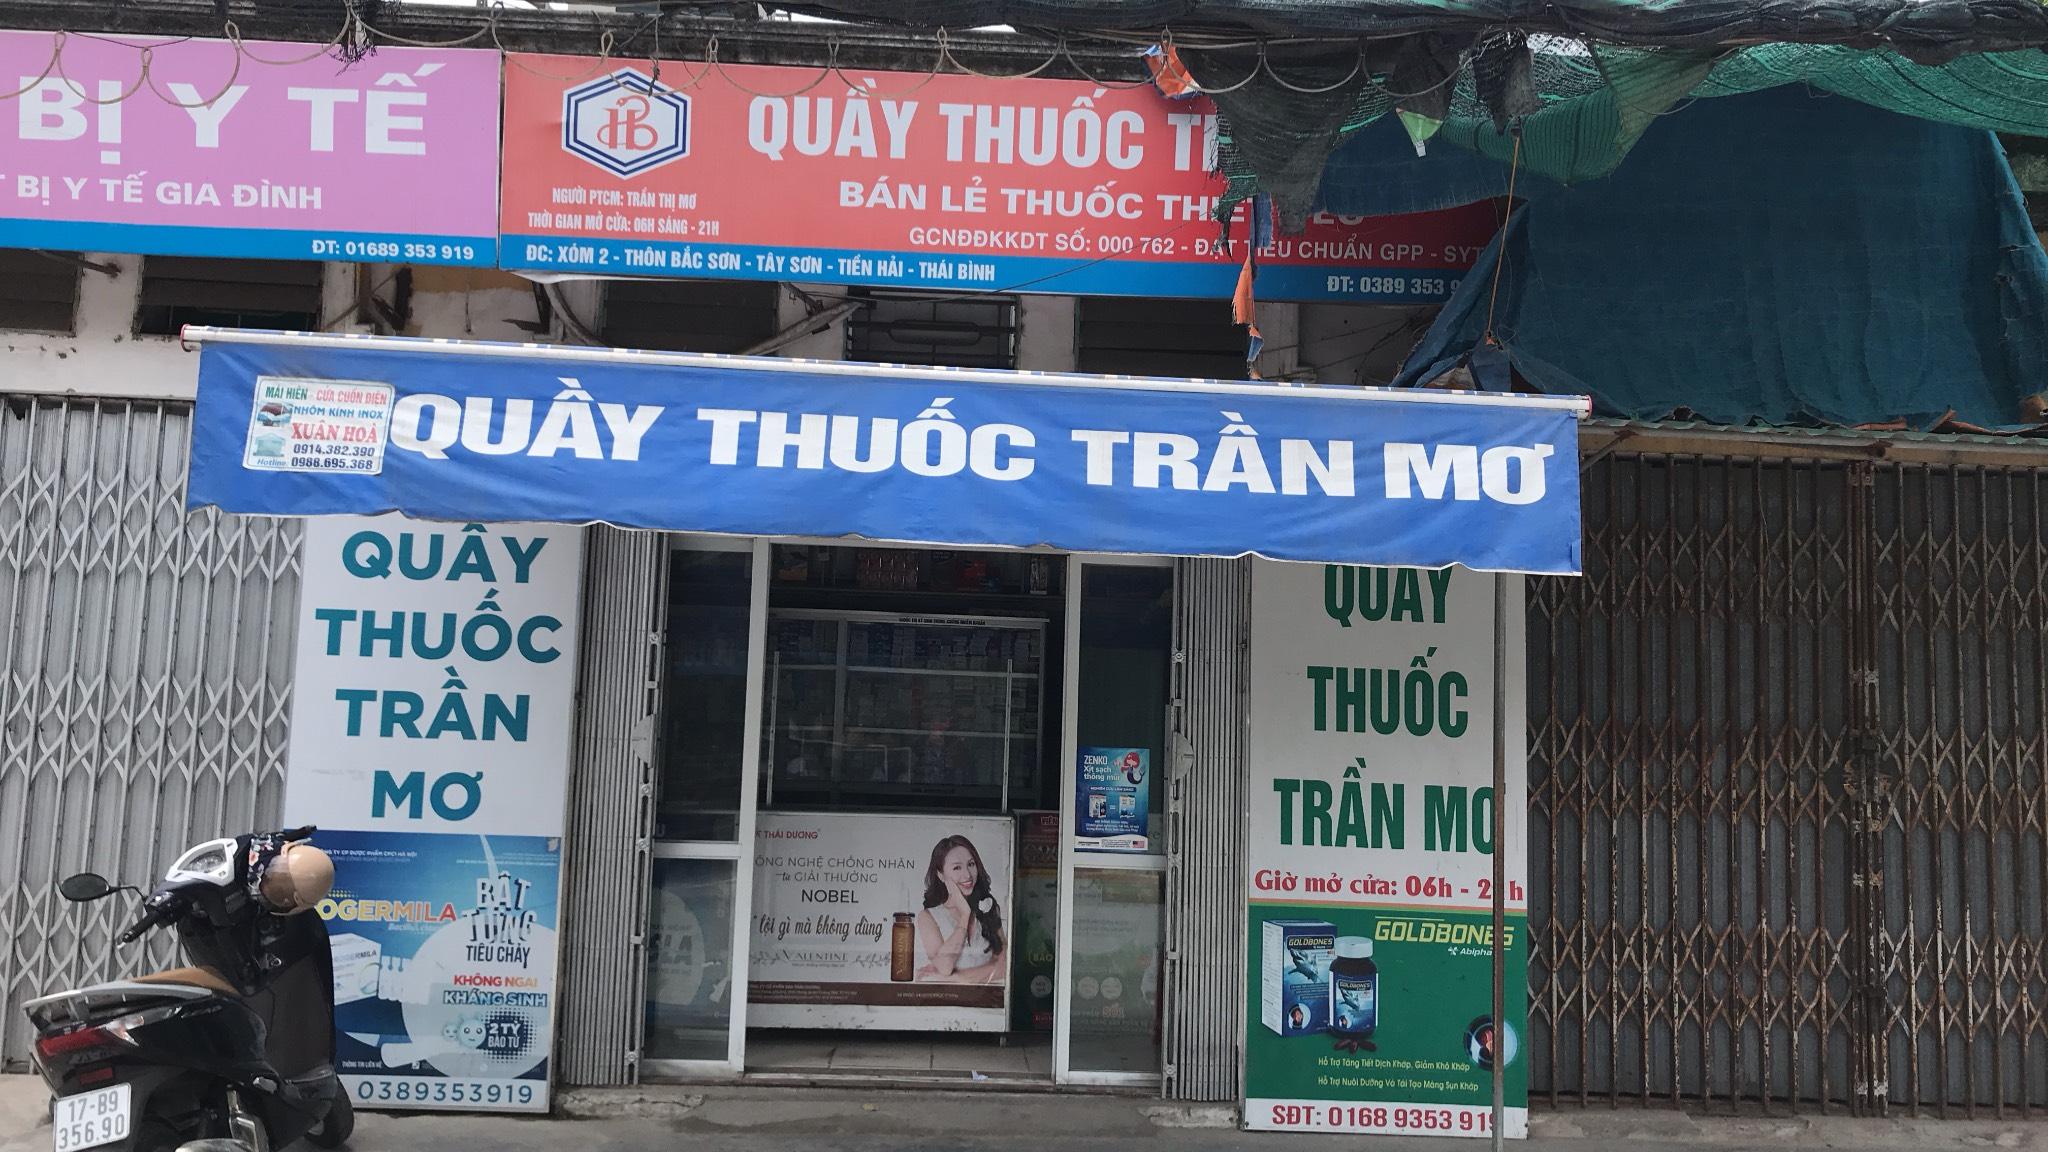 QT Trần Mơ